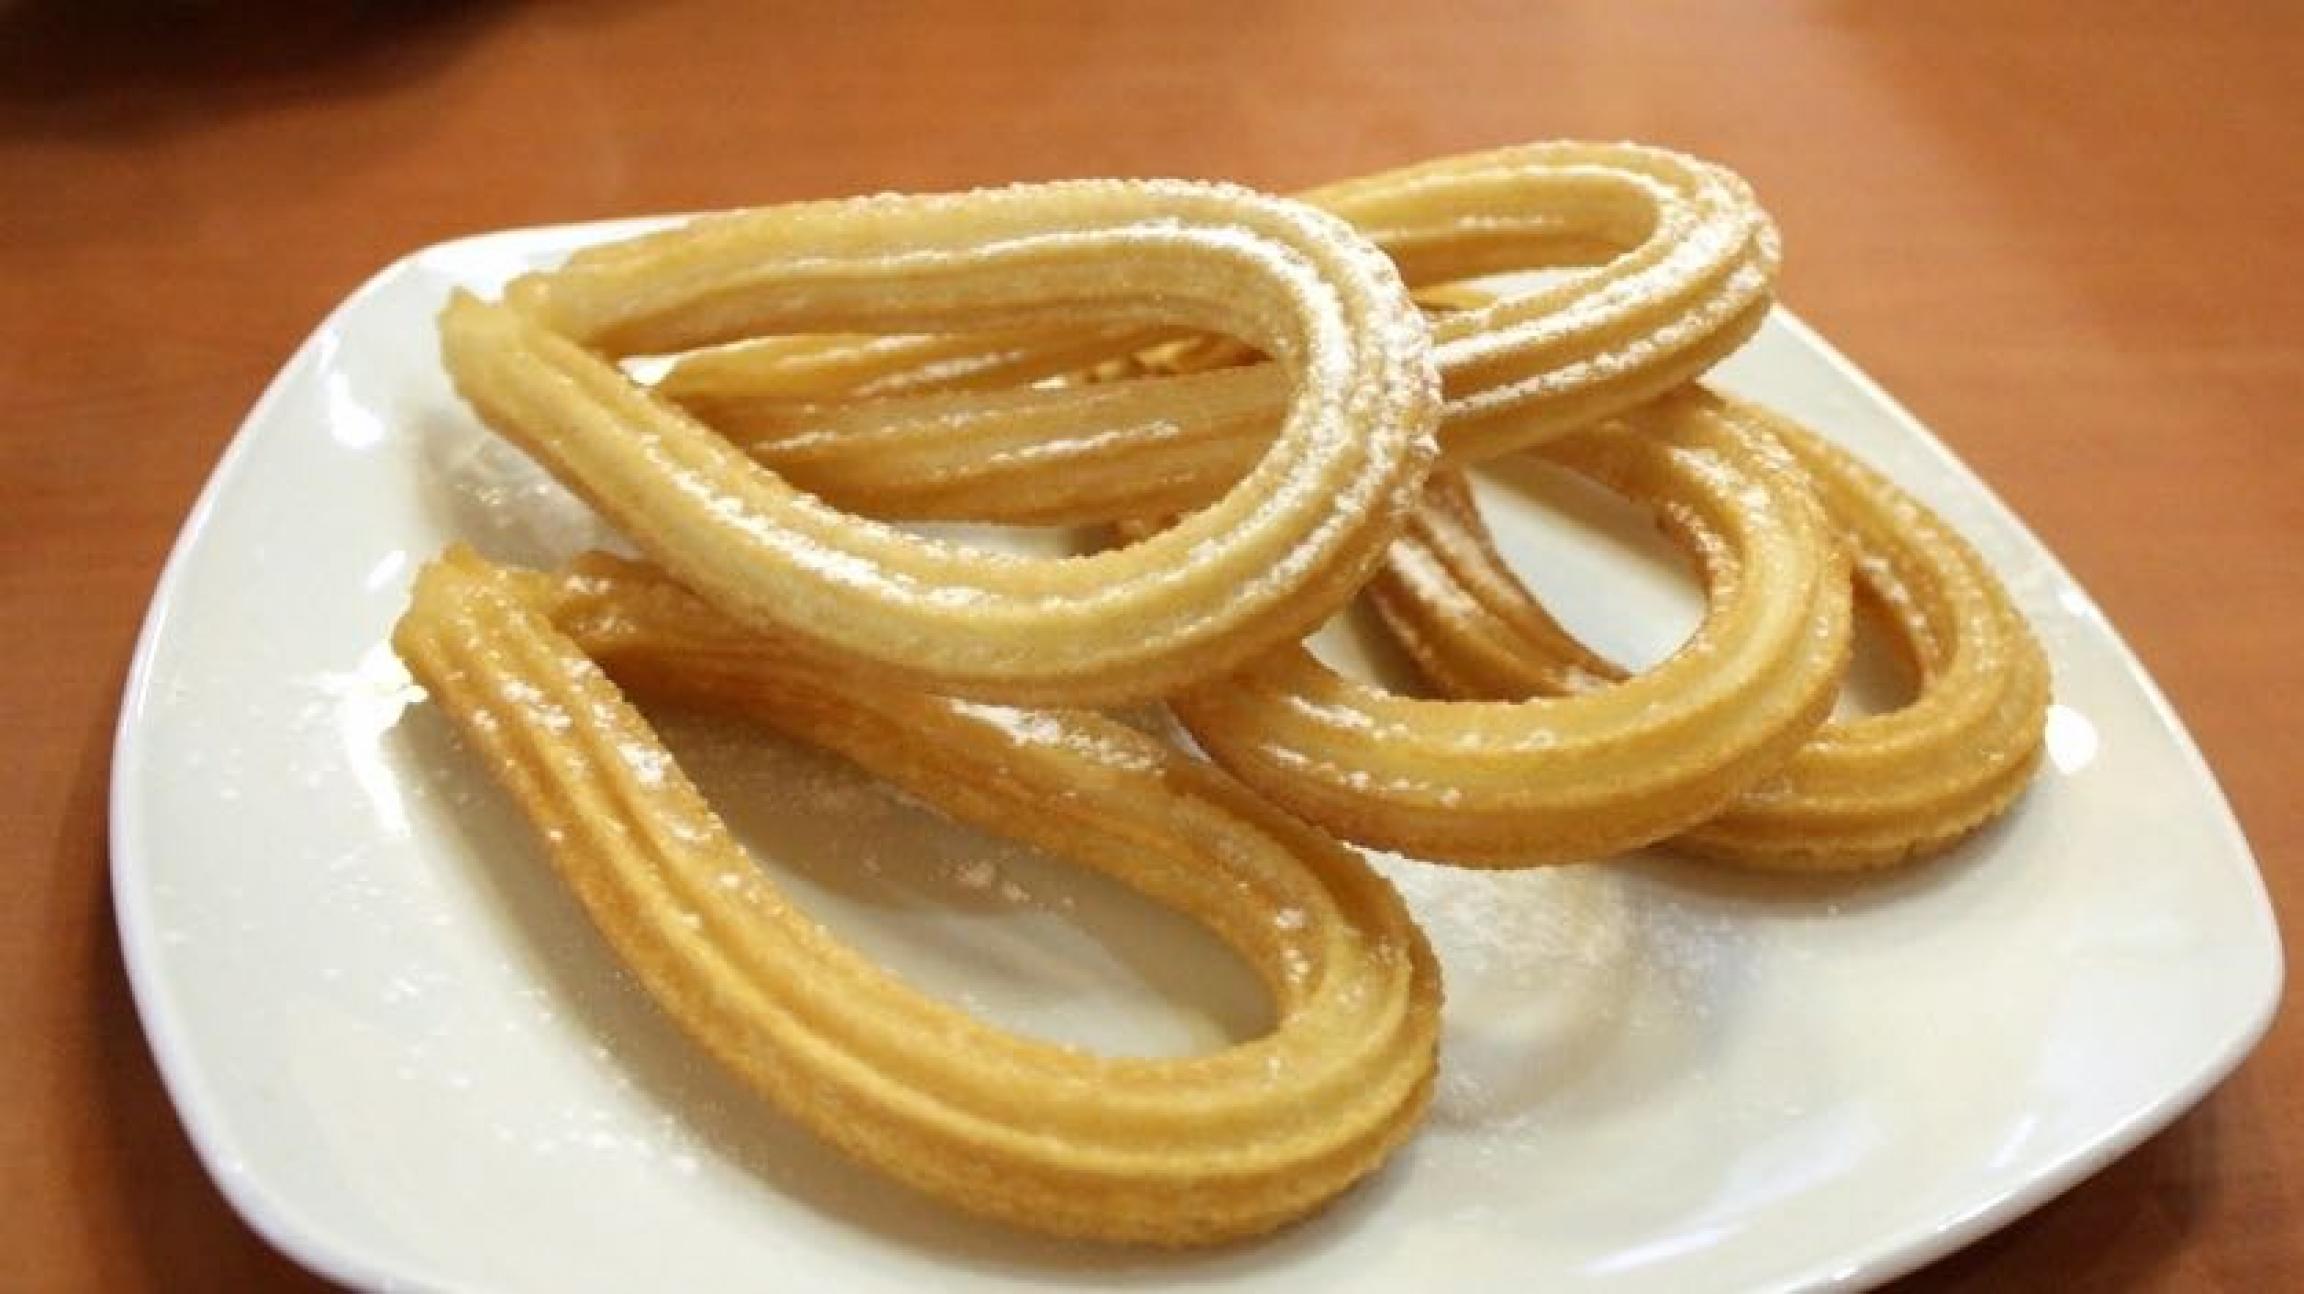 churros on a plate